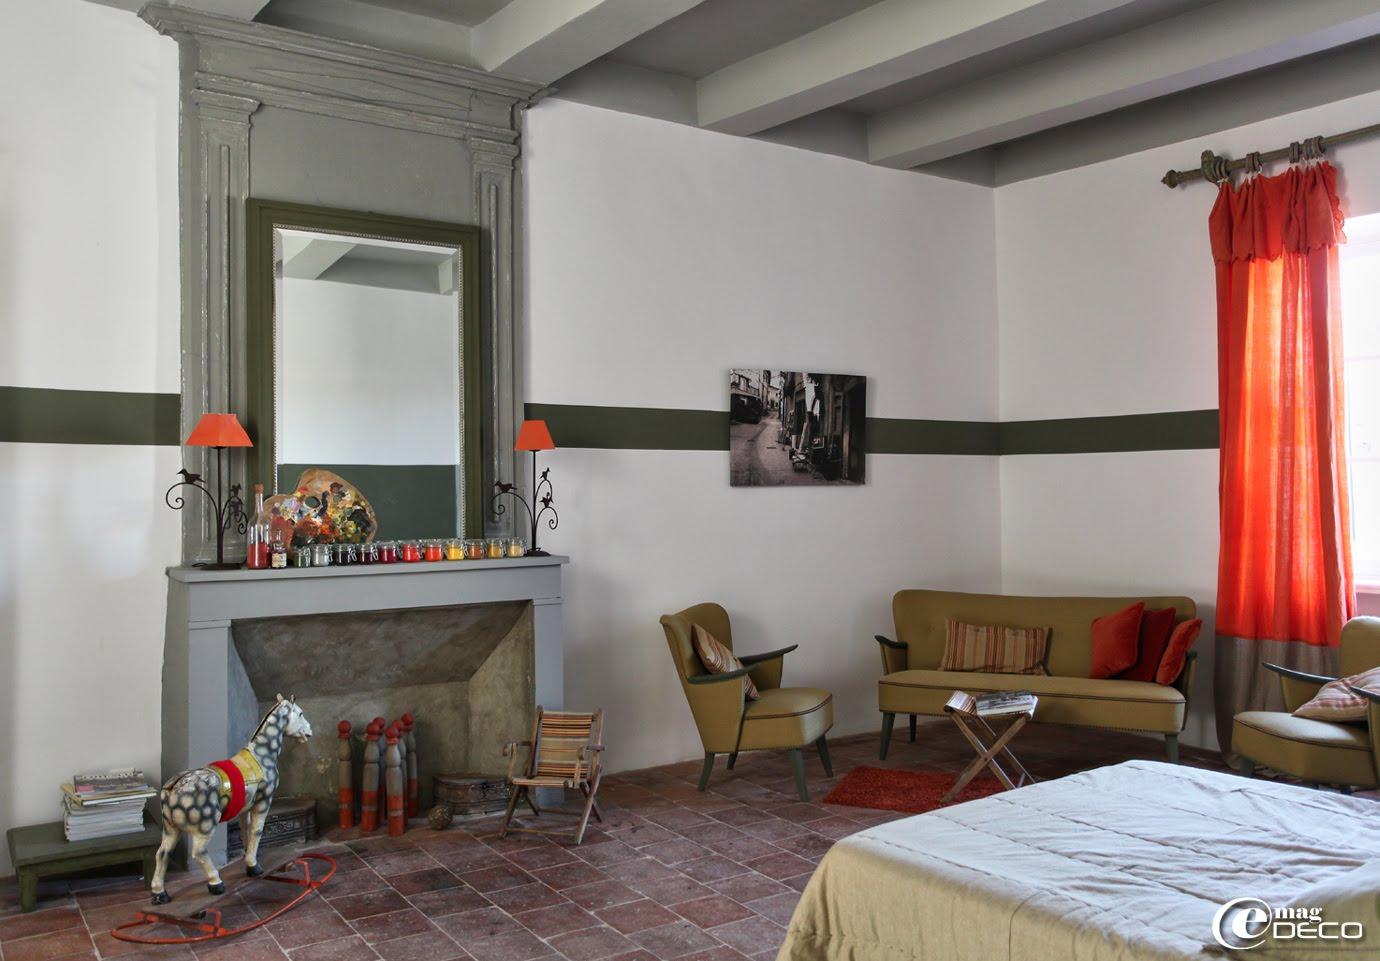 Mobilier années 1950 et vieux jouets dans une des chambres de la maison d'hôtes 'Les Nomades Baroques' à Barjac